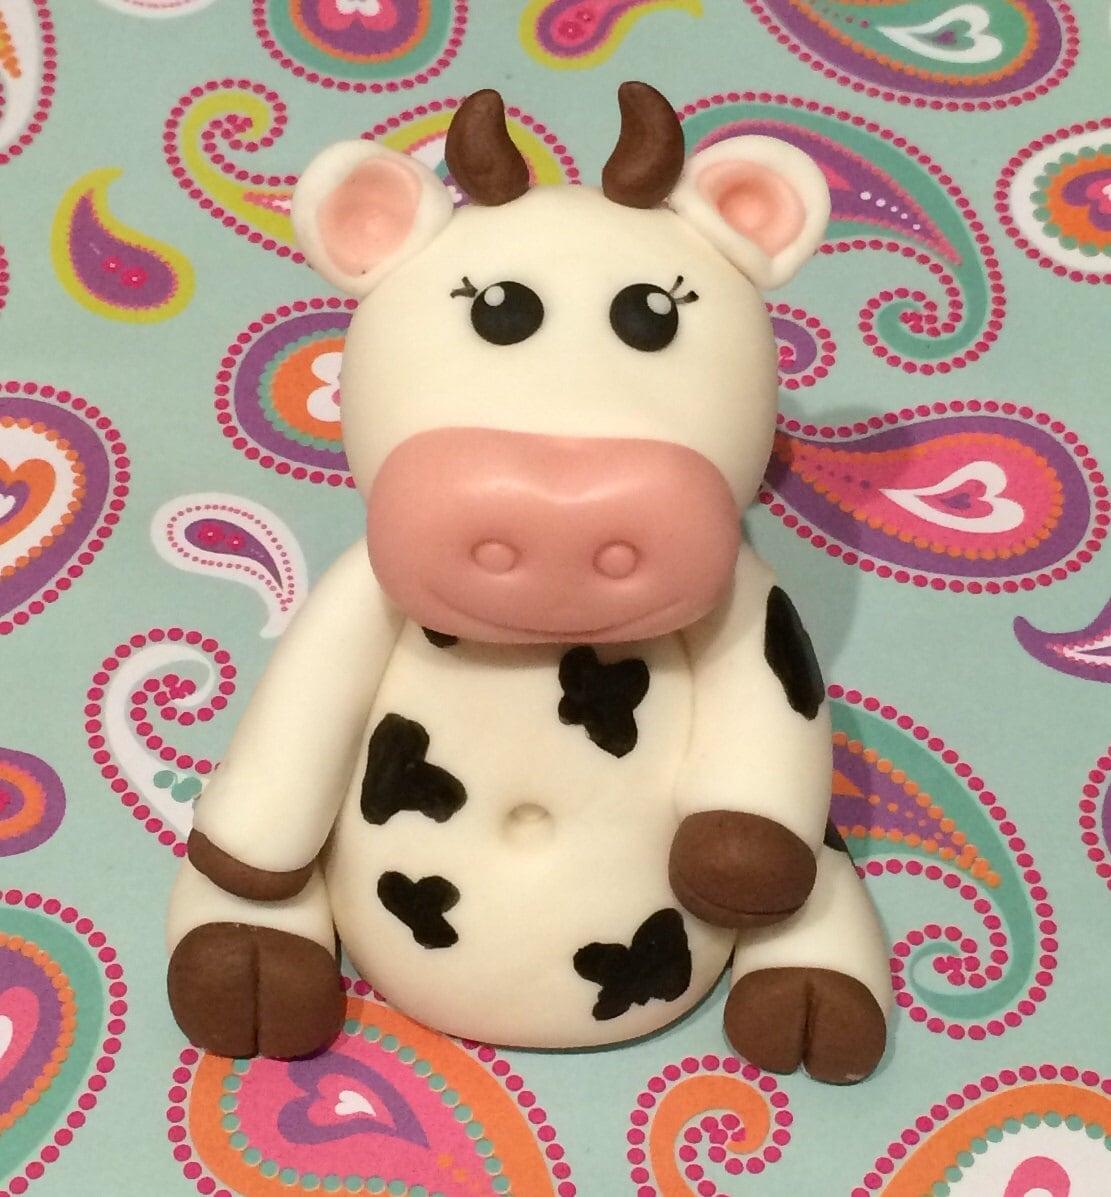 Cow inspired fondant cake topper